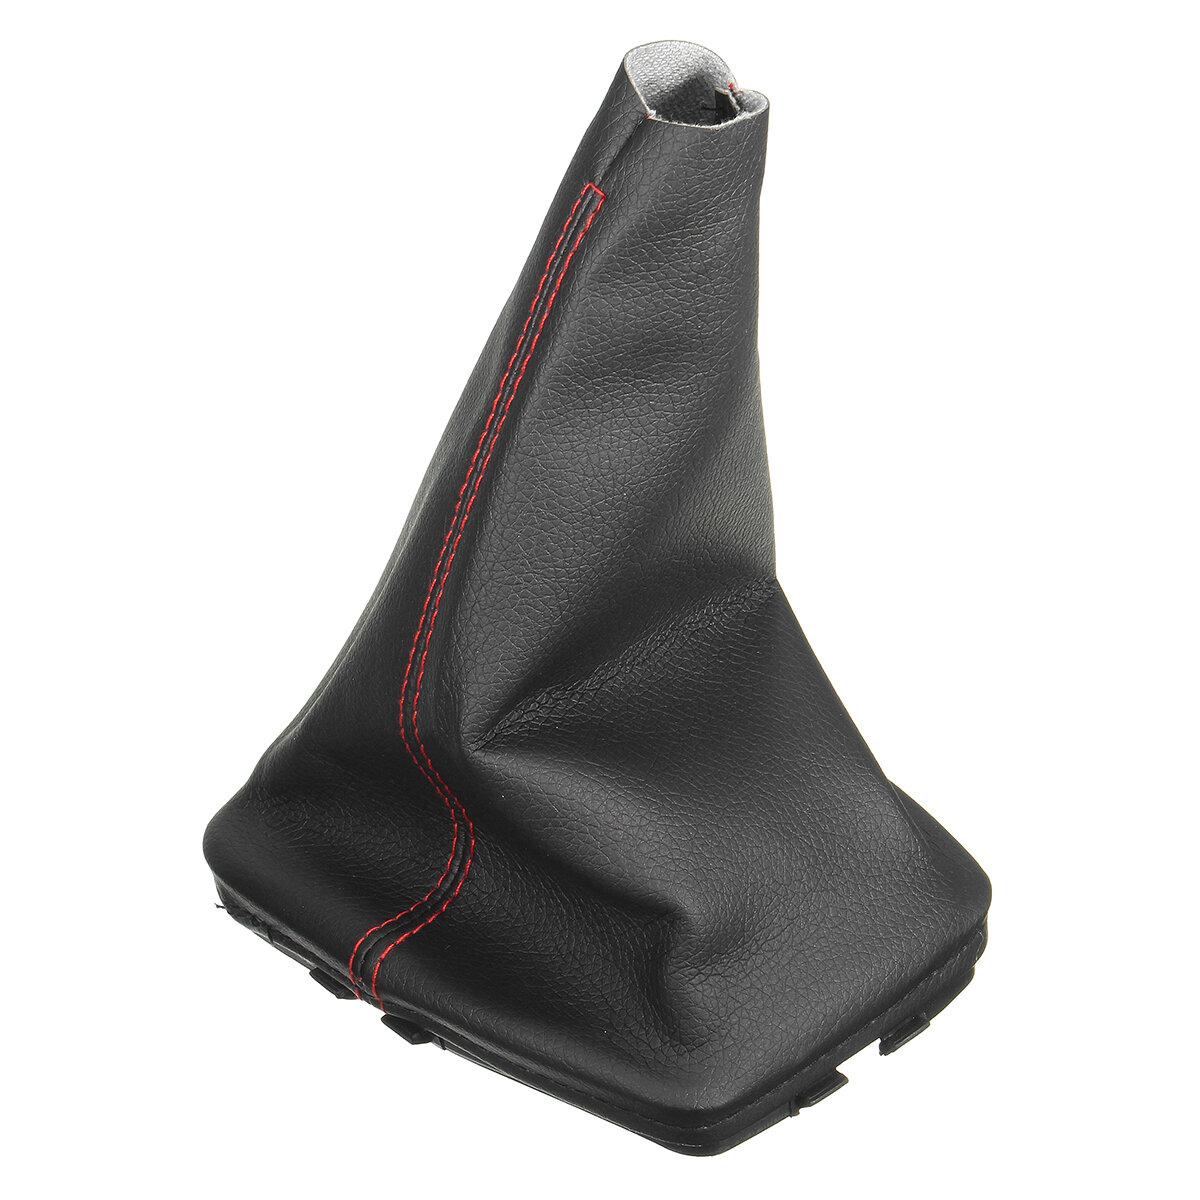 Engranaje de cuero negro Palo Palanca de cambio Perilla Polaina Cubierta antipolvo para VW Golf Bora